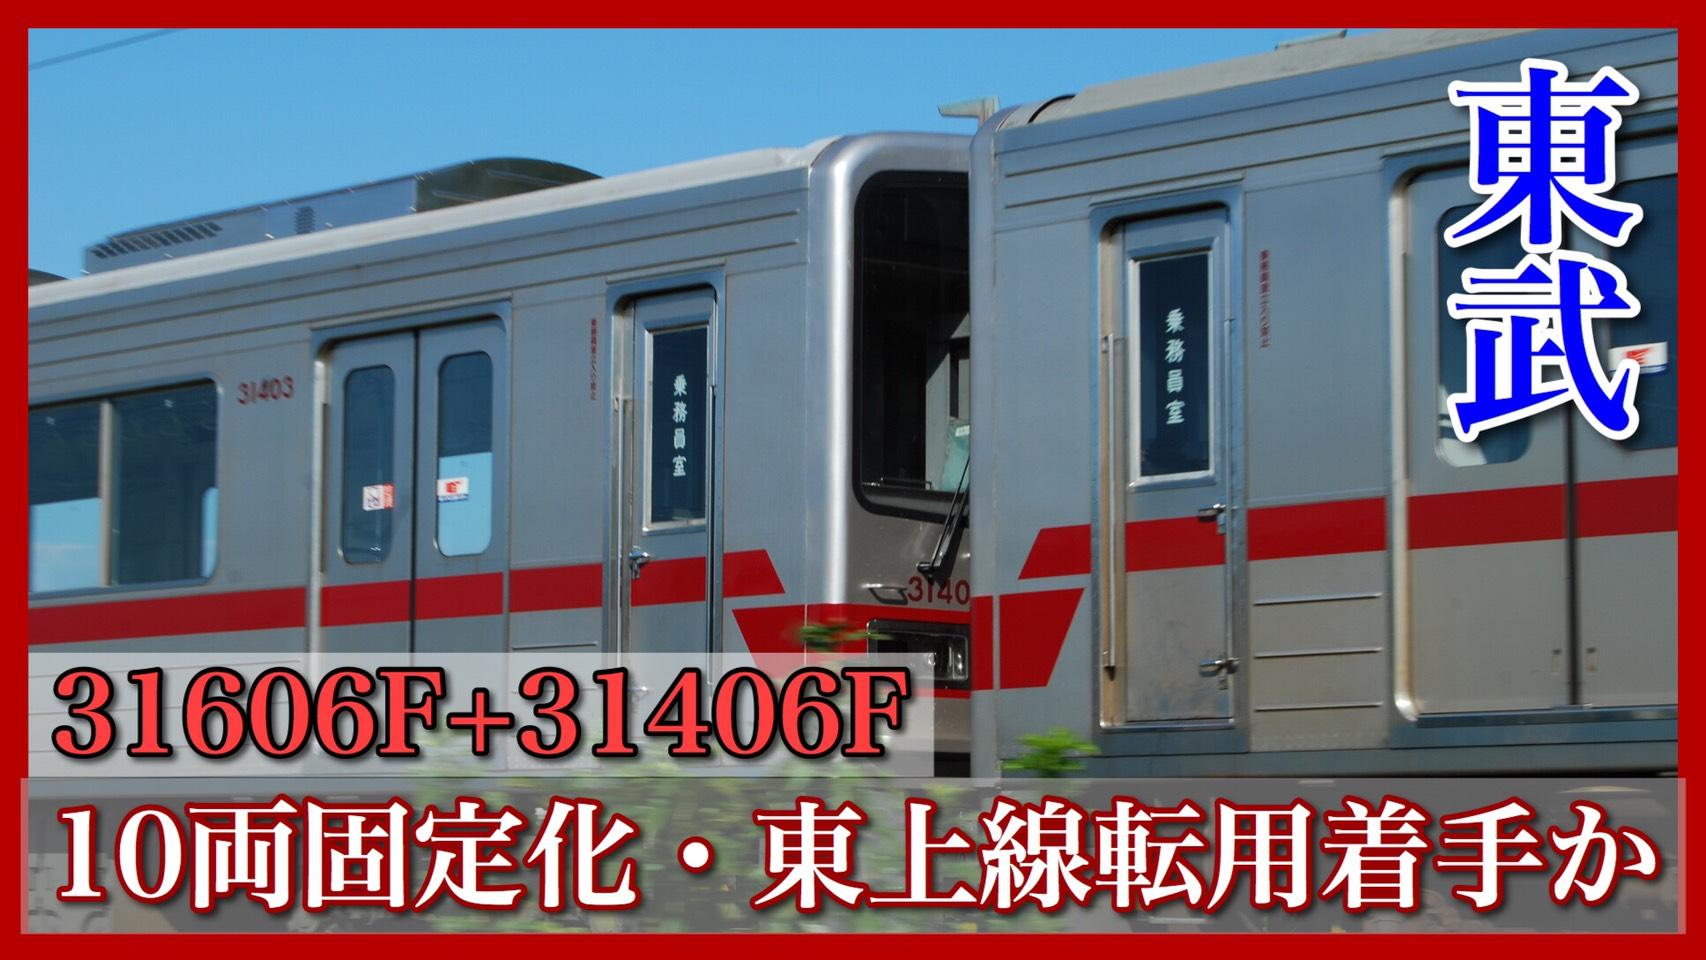 東武】遂に半直30000系東上線へ?31606F+31406F改造着手 | 鉄道ファン ...